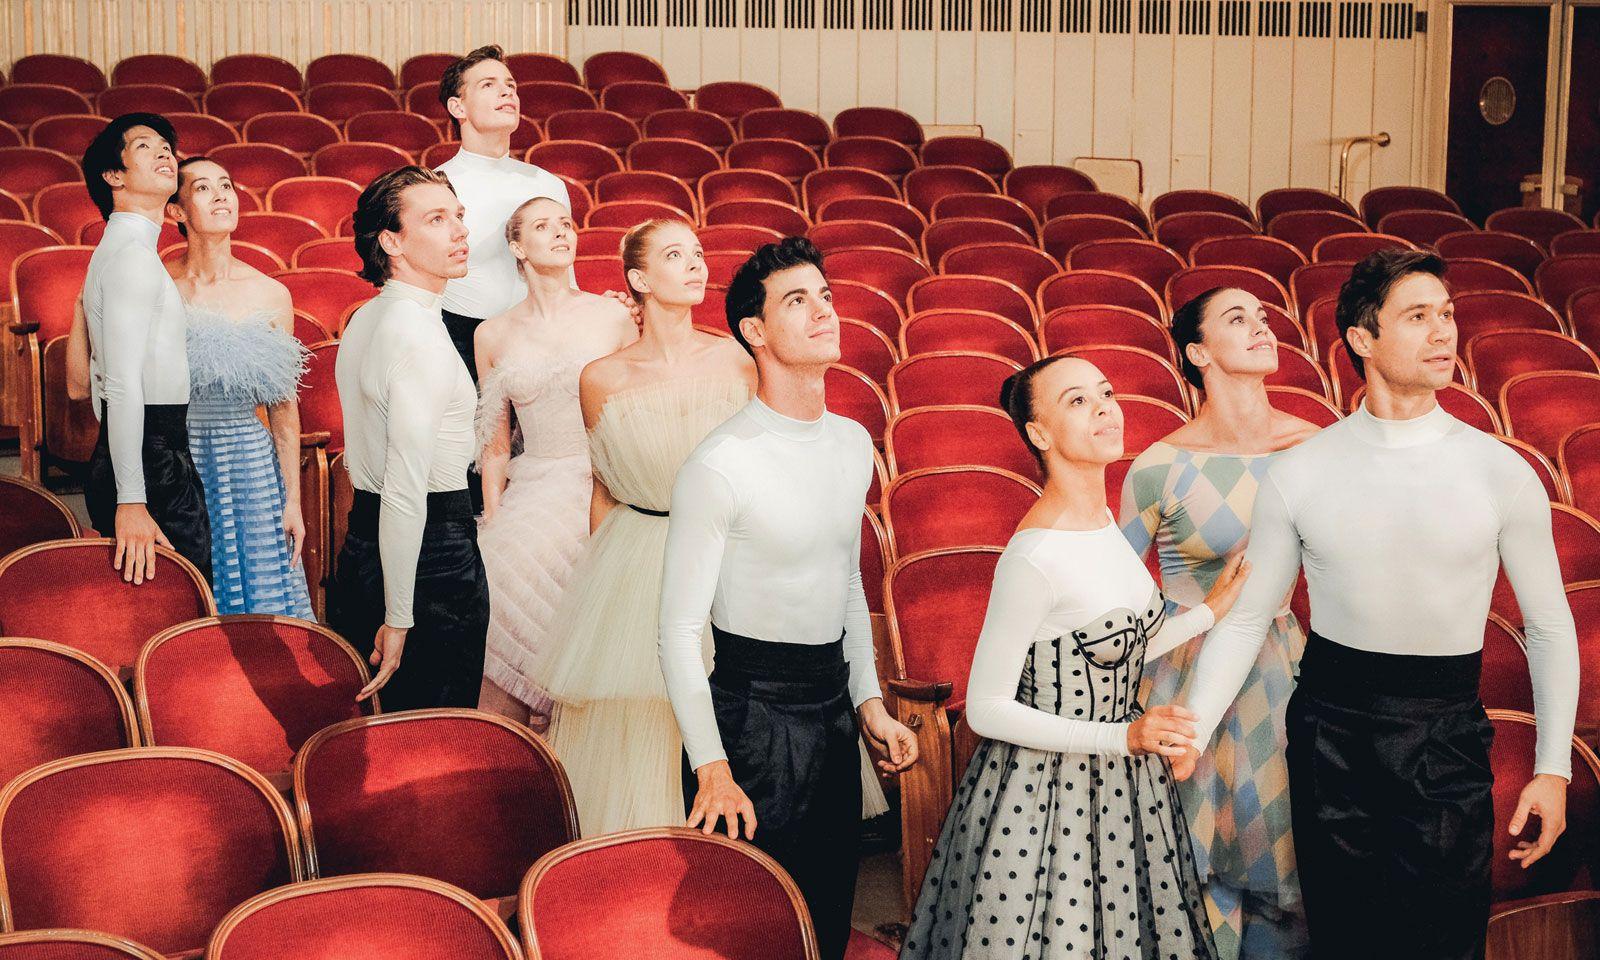 Mit fünf Paaren studierte Kaydanovskiy die Walzer-Choreografie ein.